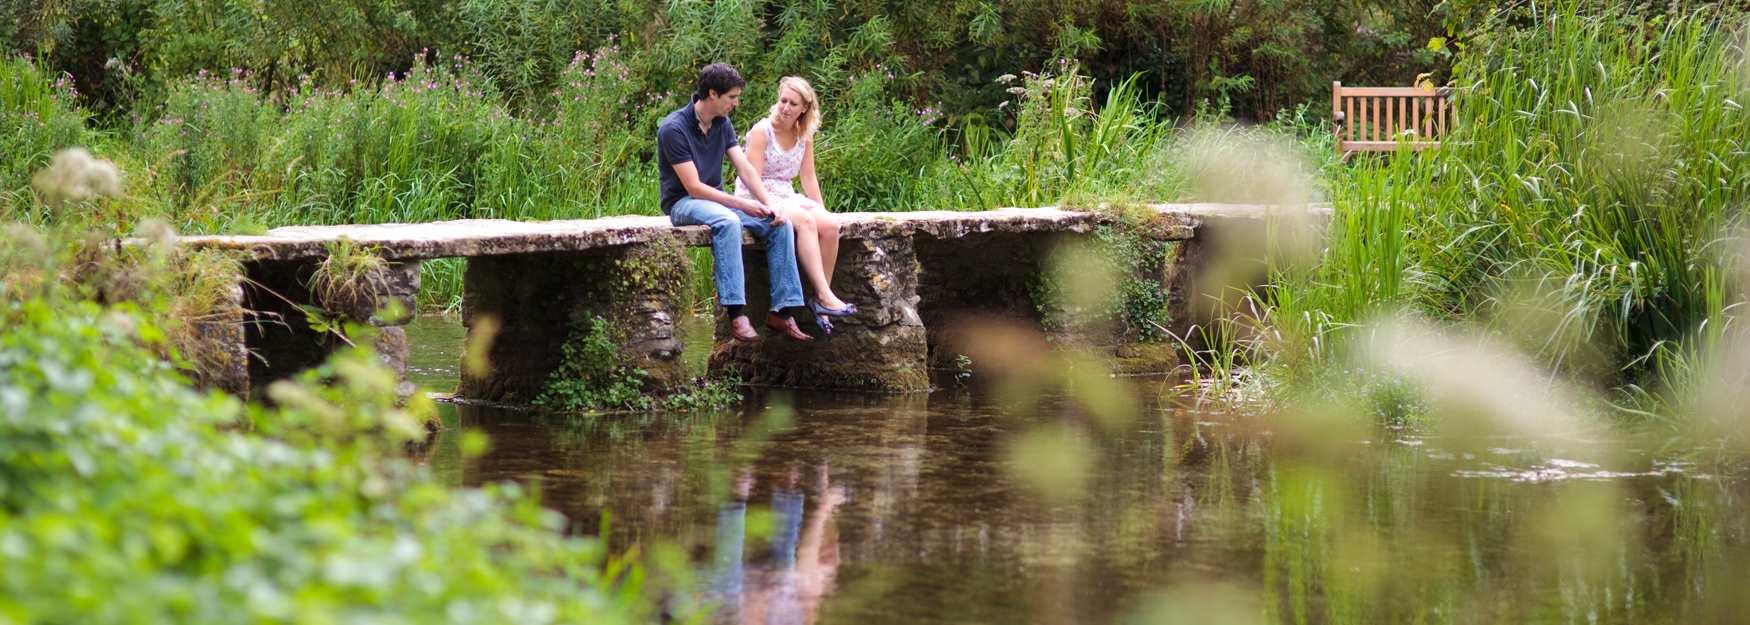 Romance on Northleach Bridge